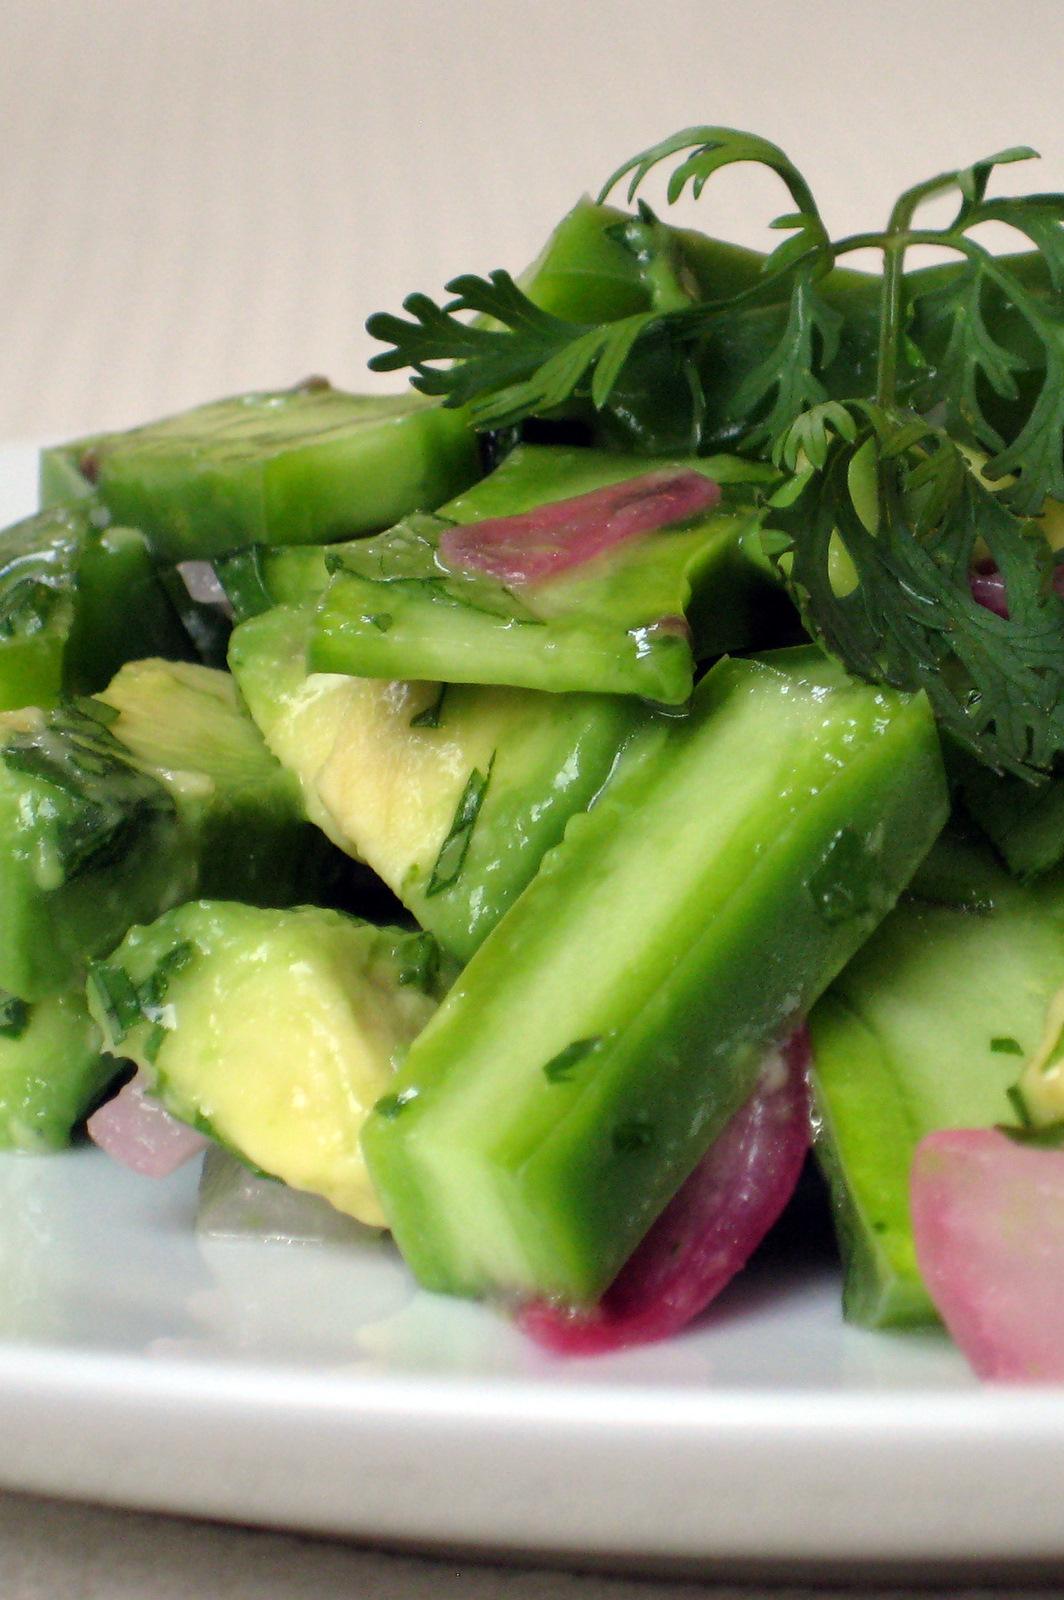 http://2.bp.blogspot.com/-GjobzpGymQk/TgIZ01Oj69I/AAAAAAAABKc/vte-1bq0VUs/s1600/finished+salad.JPG